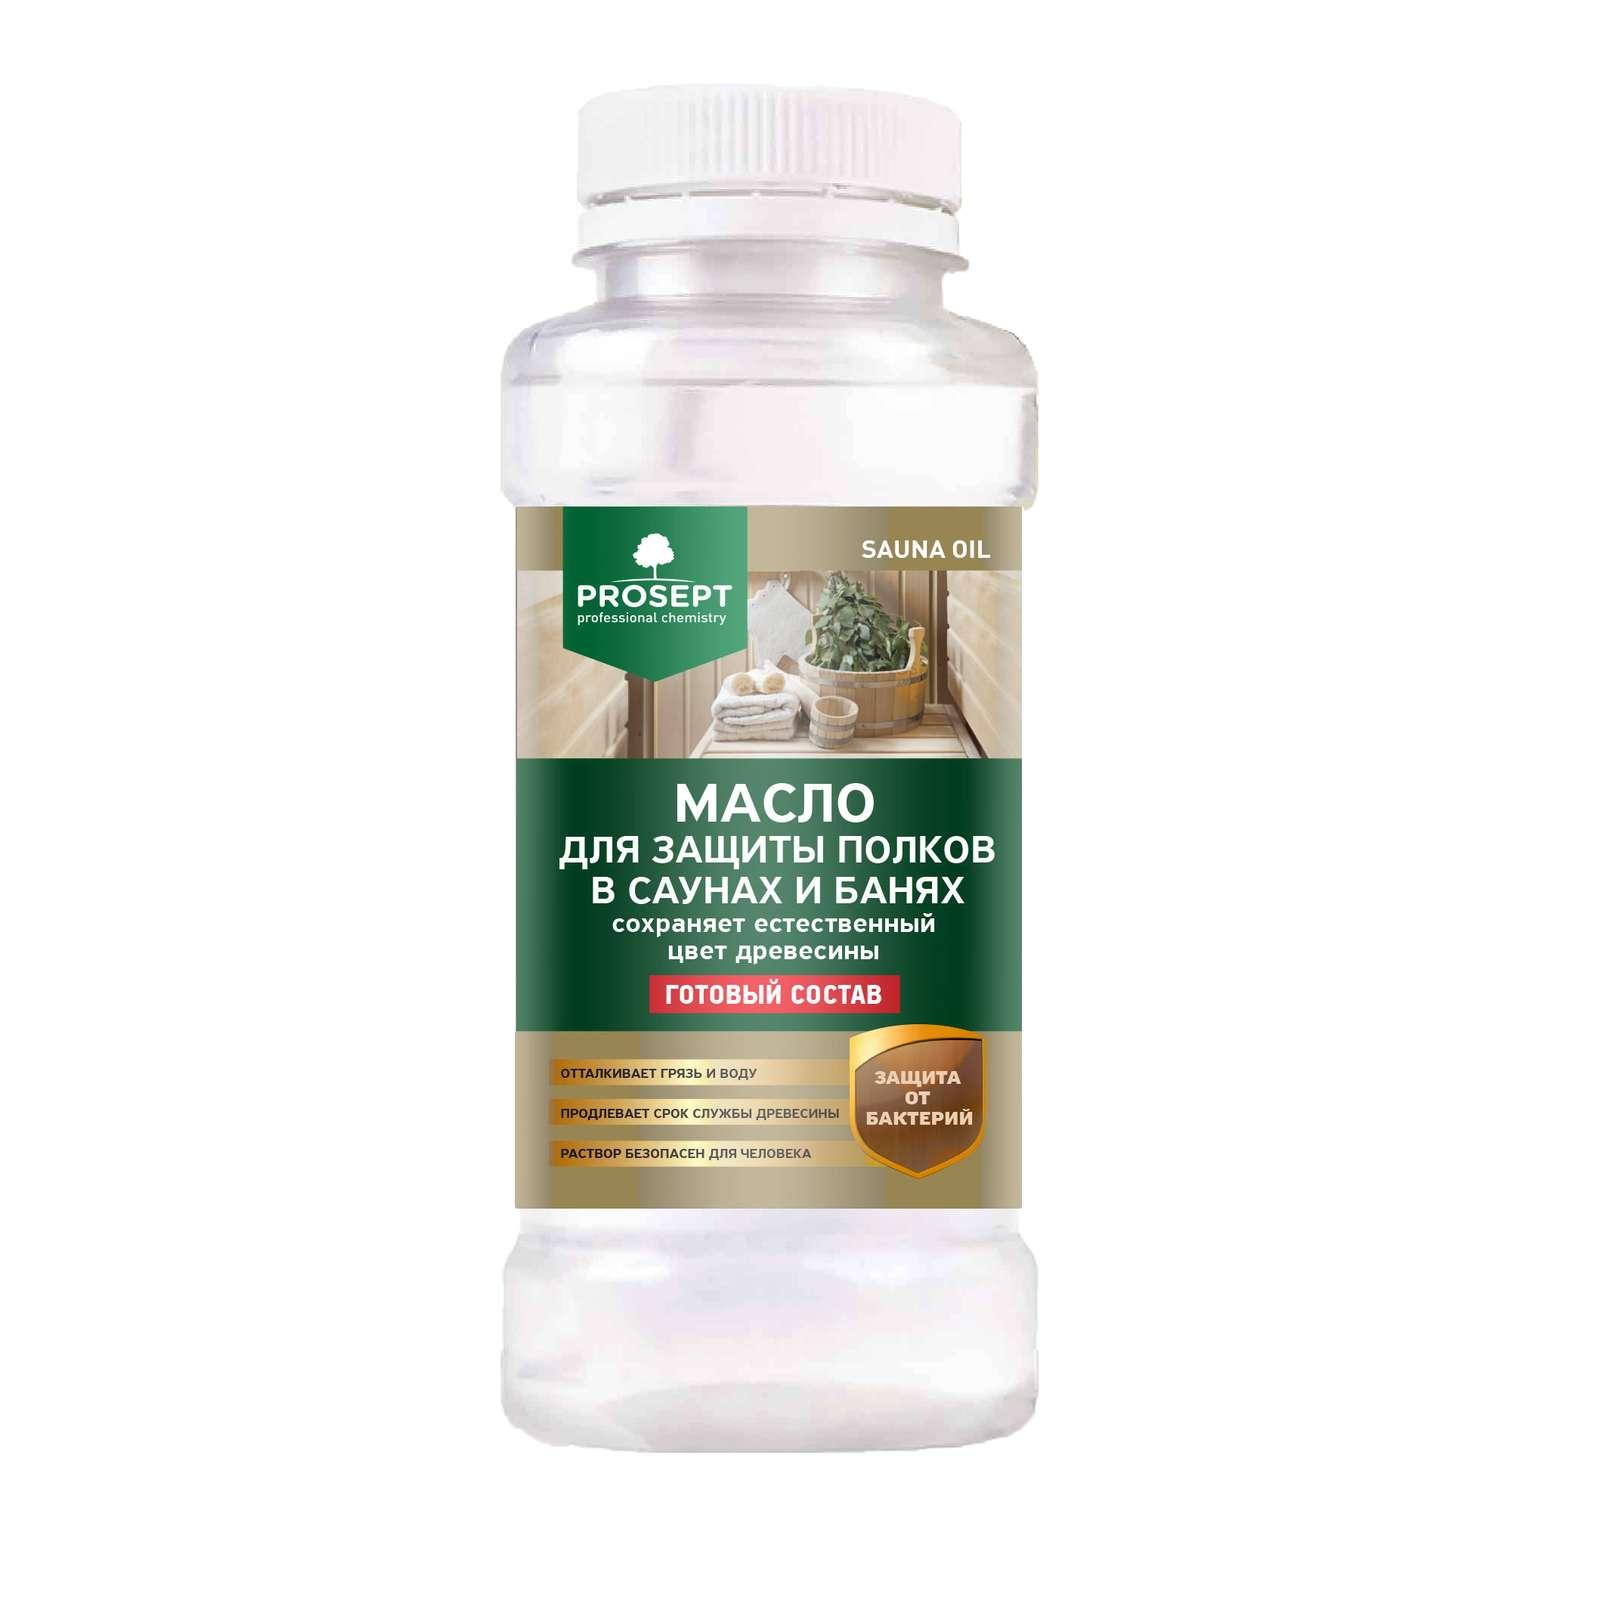 Масло для защиты полков в саунах Prosept sauna oil, 0,25 л